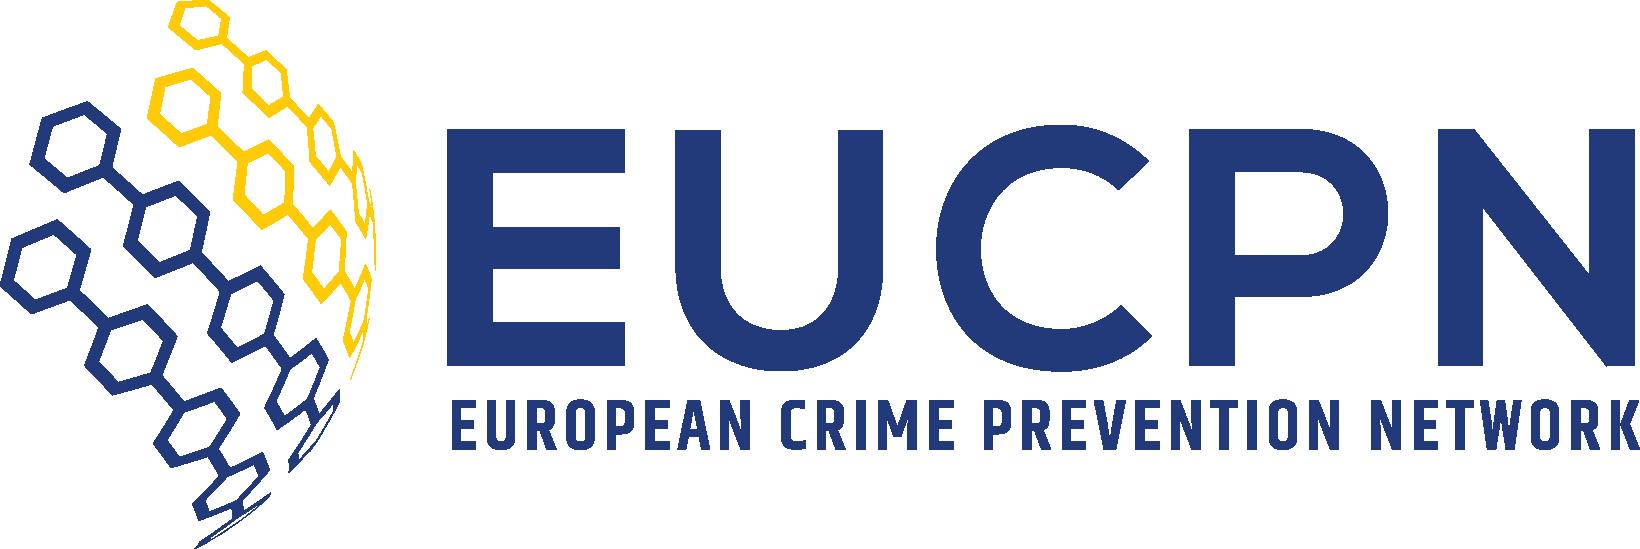 logo for European Crime Prevention Network